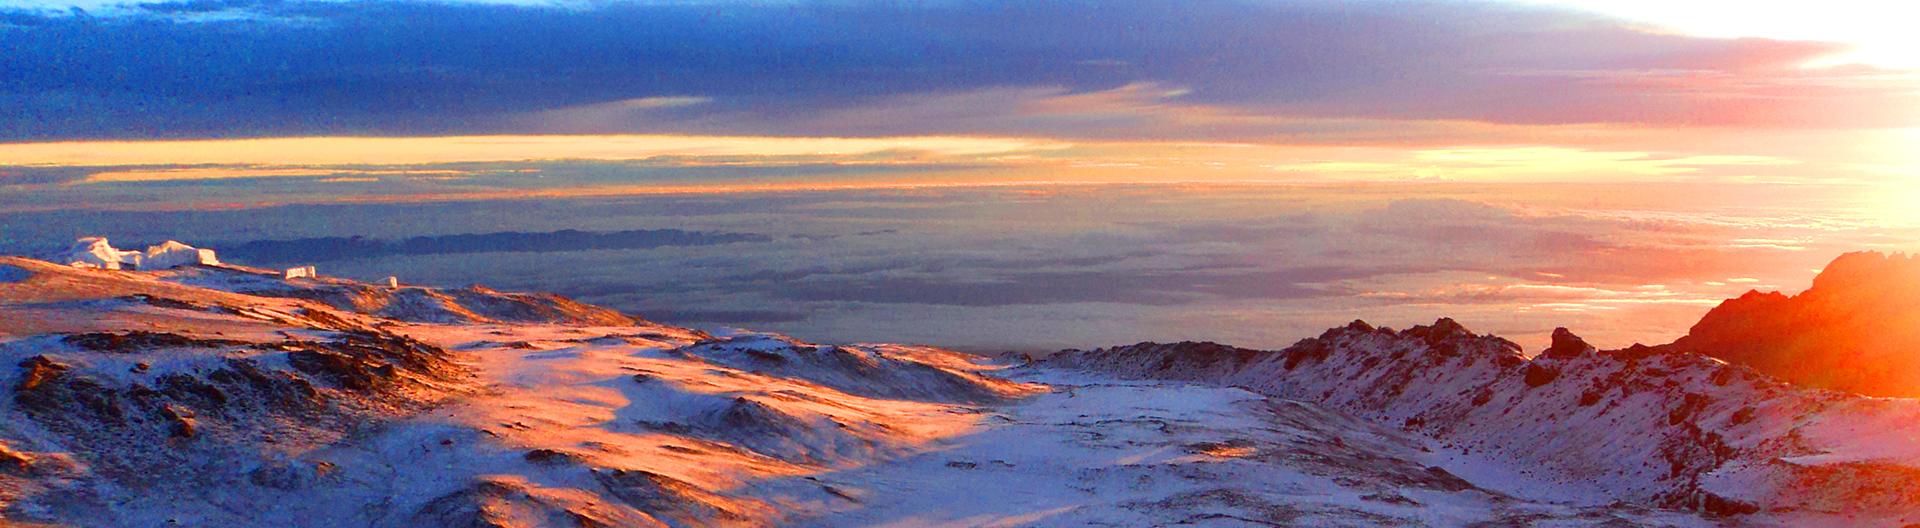 atardecer-kilimanjaro